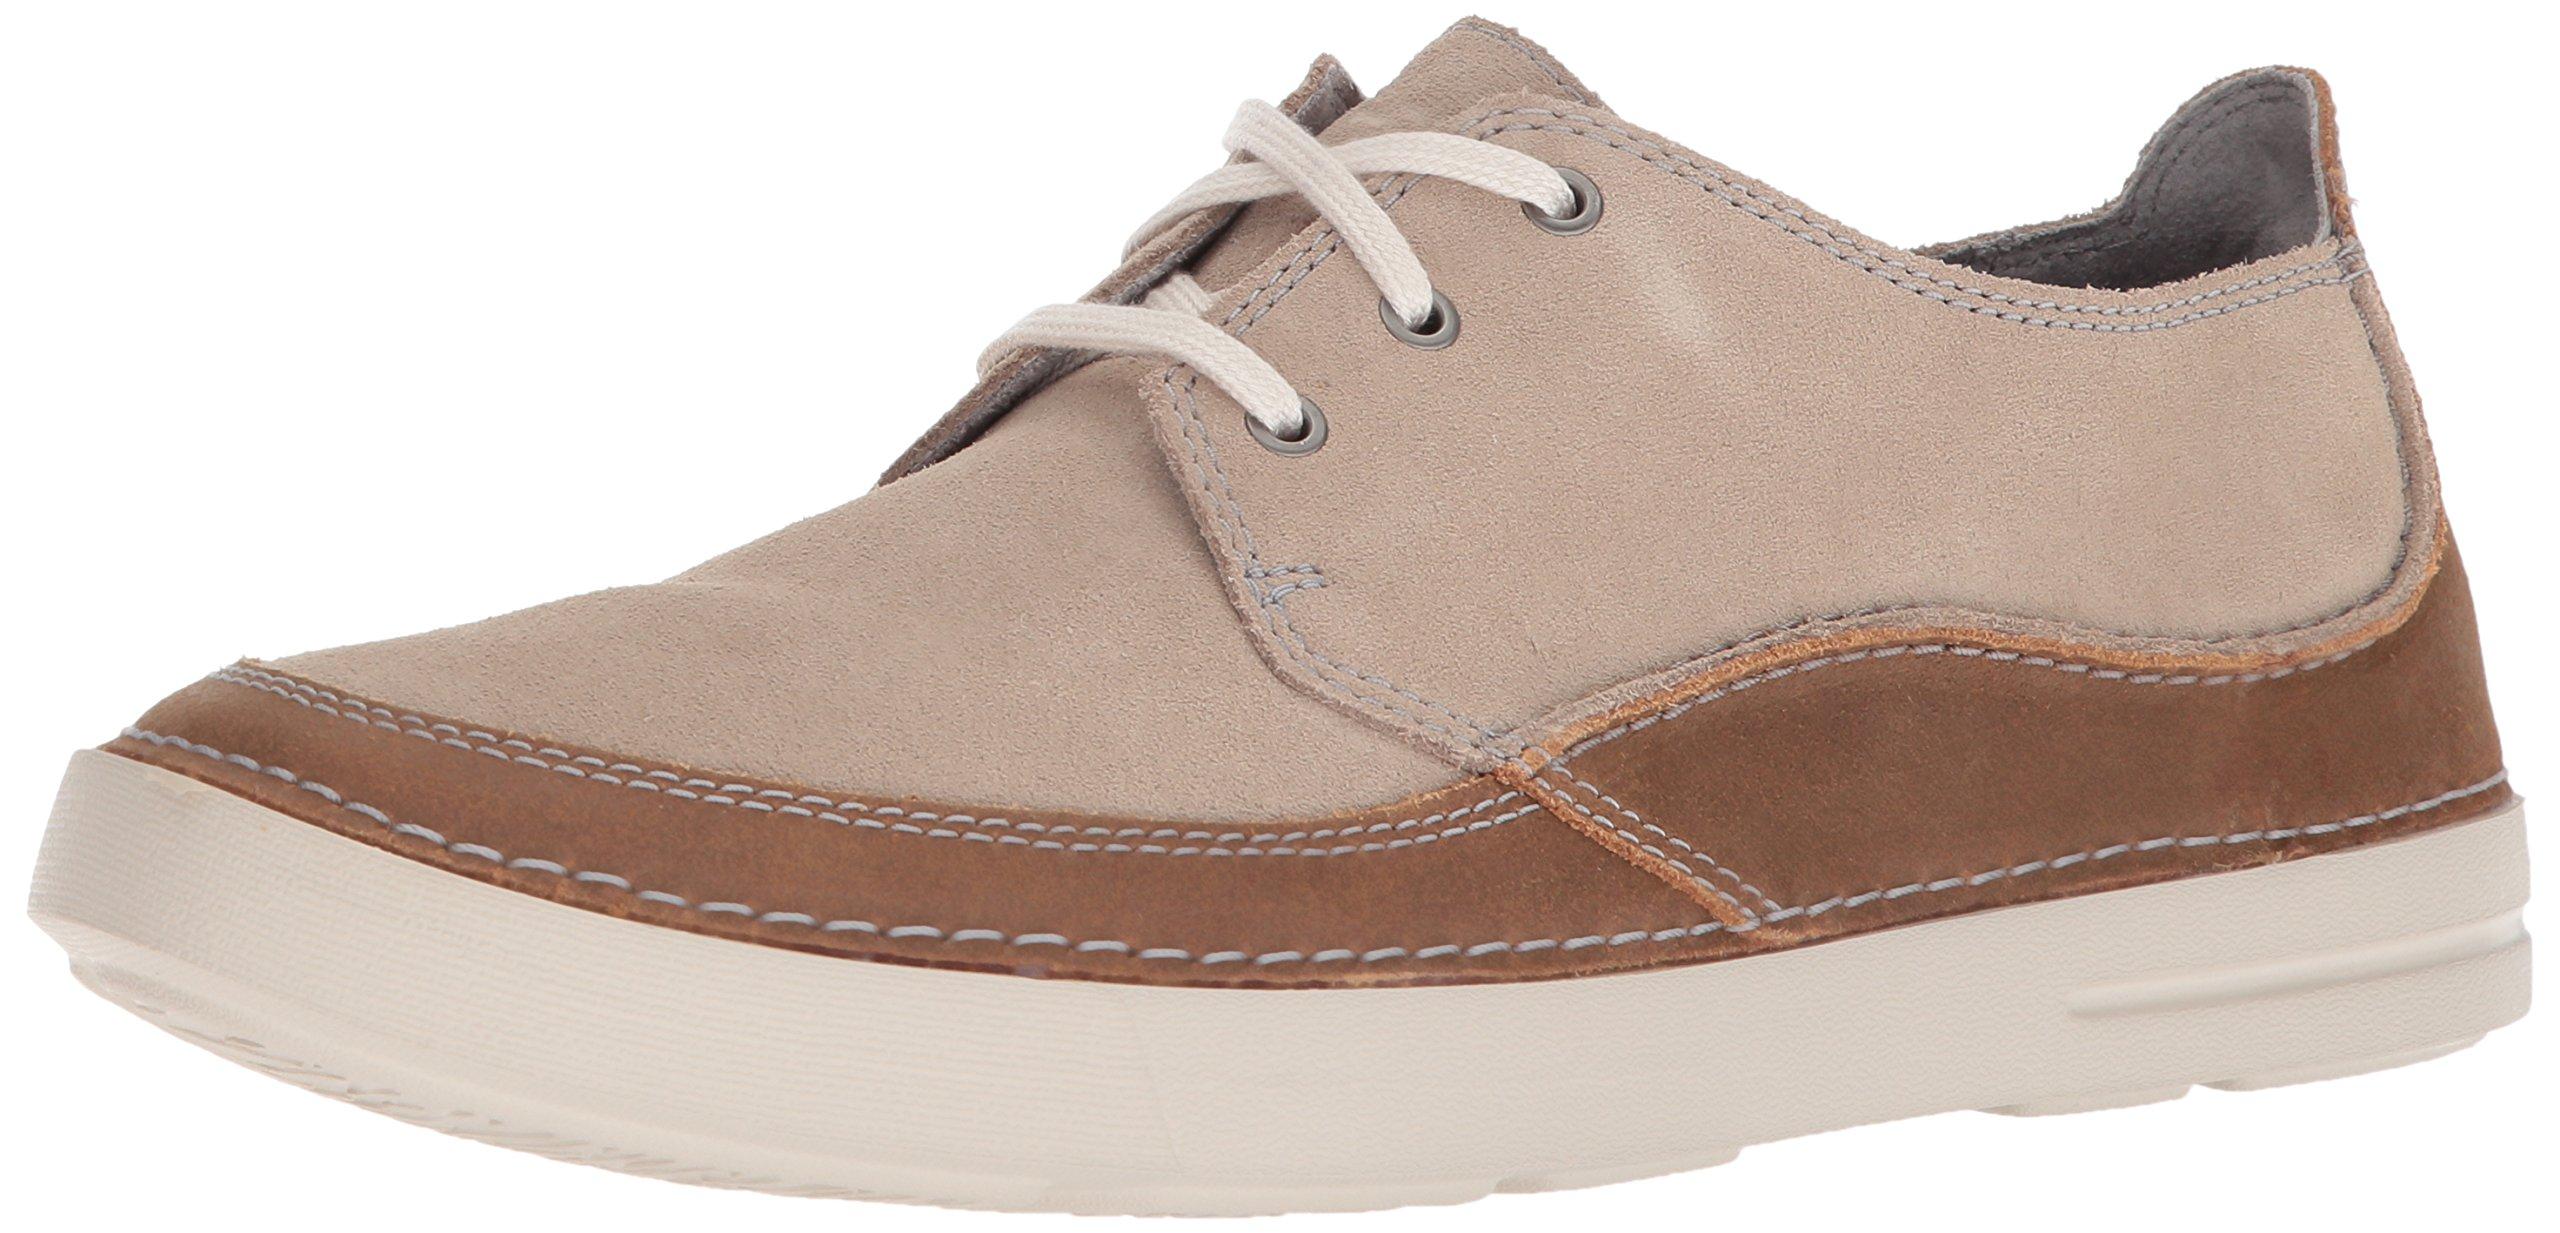 CLARKS Men's Gosler Edge Sneaker, Sand Suede, 13 M US